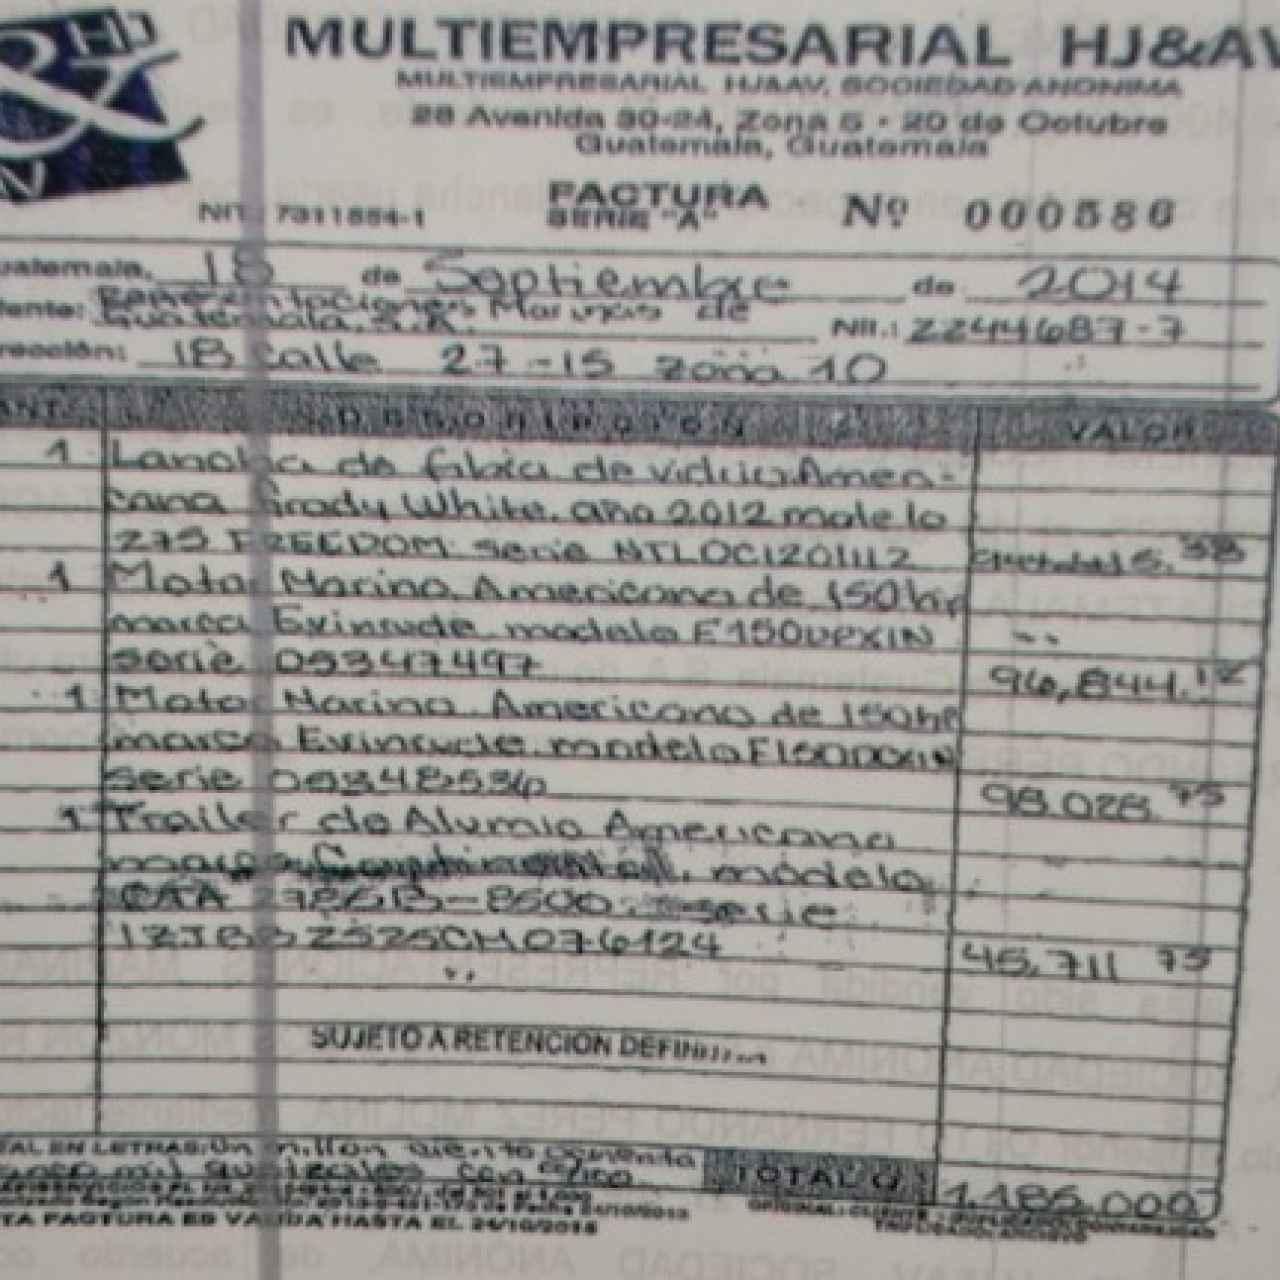 Factura de la barca comprada para el presidente de Guatemala.